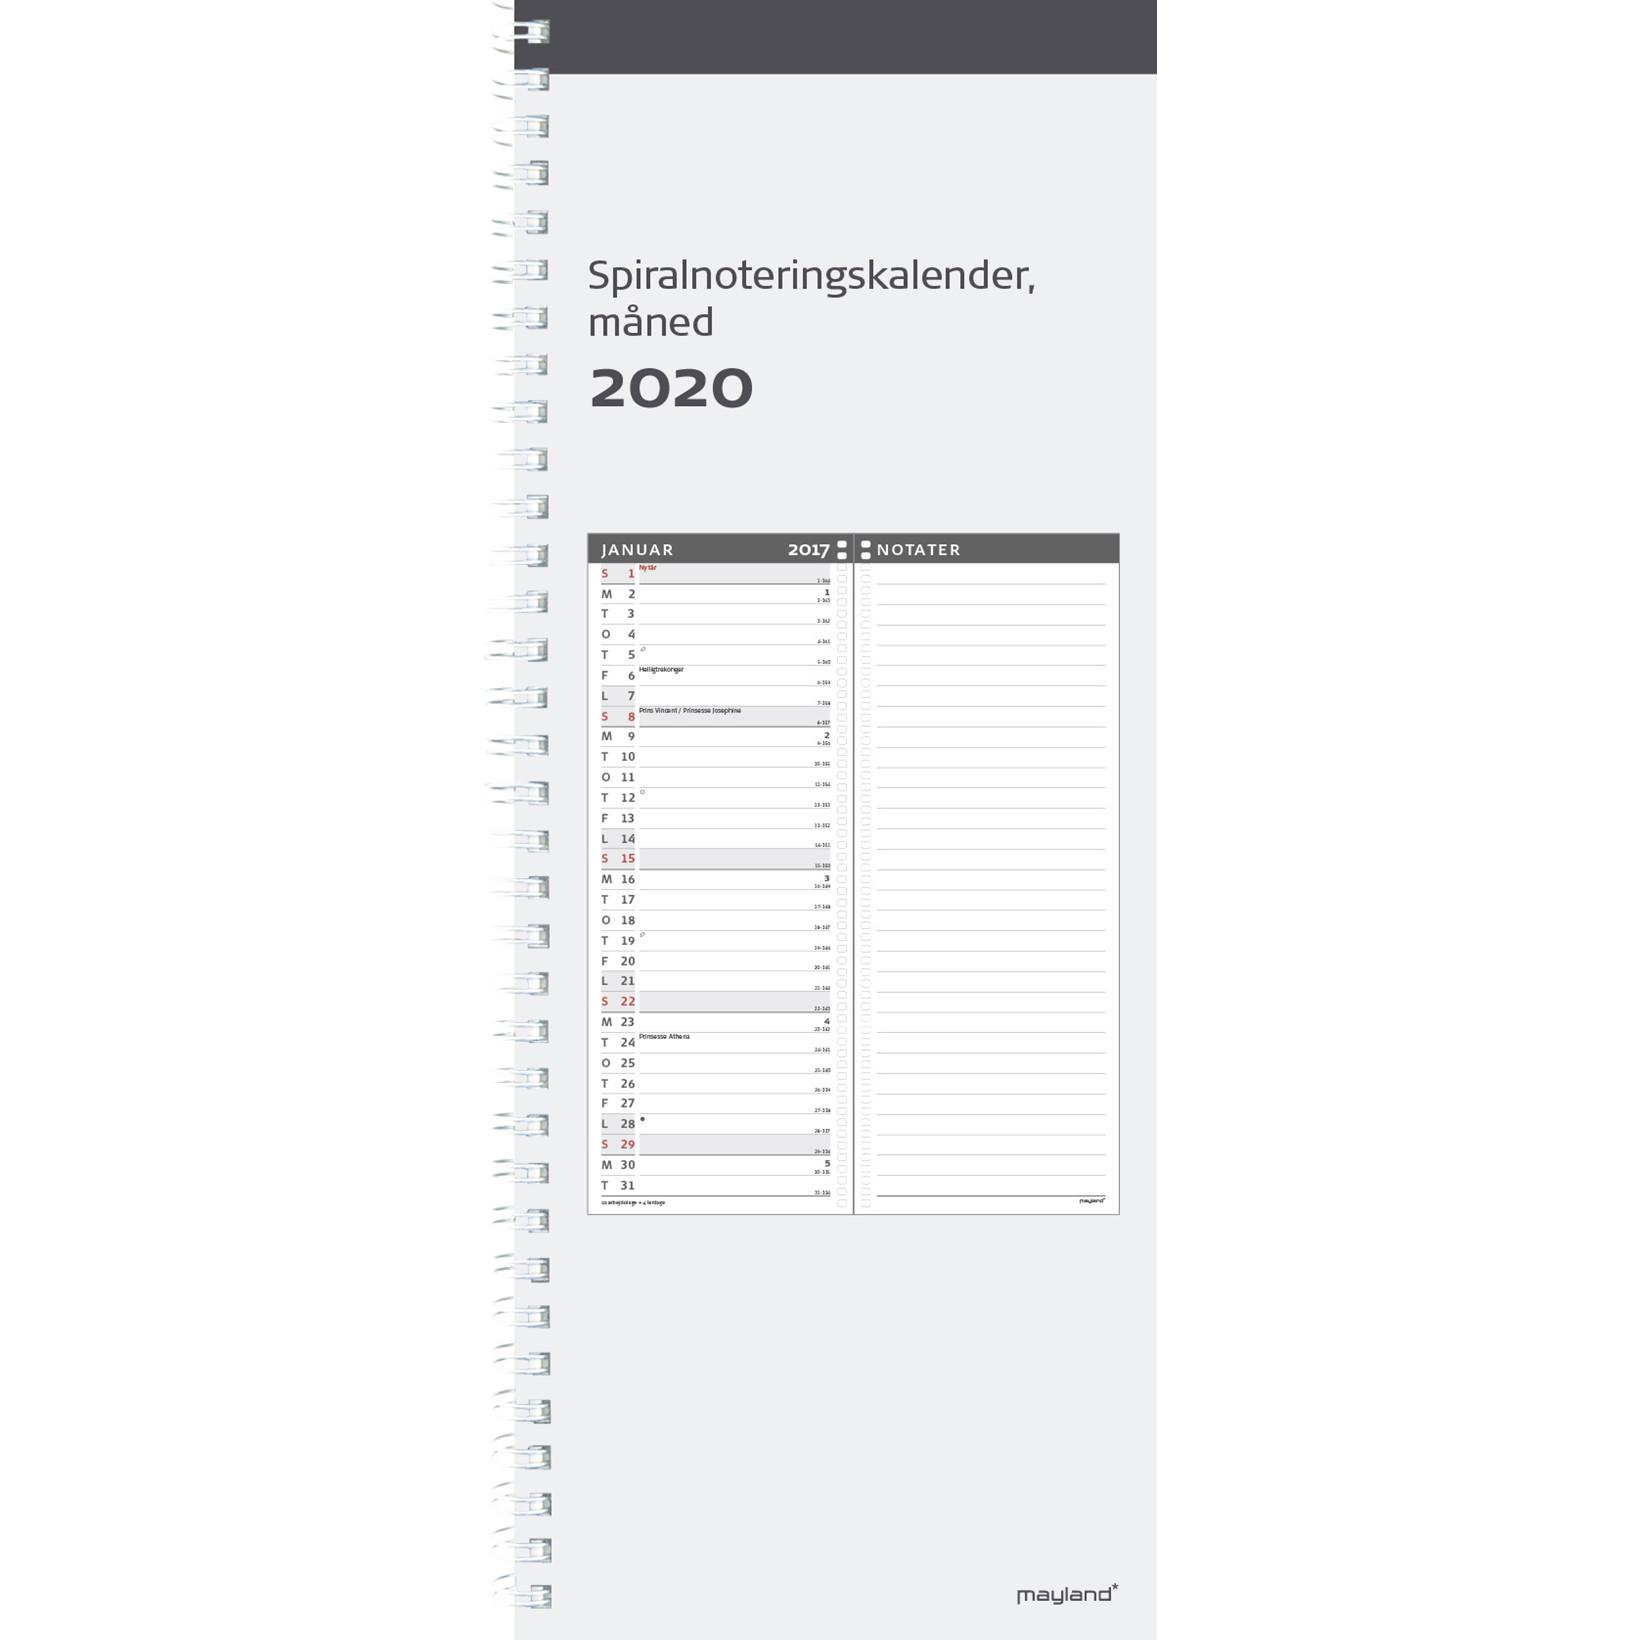 Spiralnoteringskalender mdr 11,5x29,5cm 20 2220 00